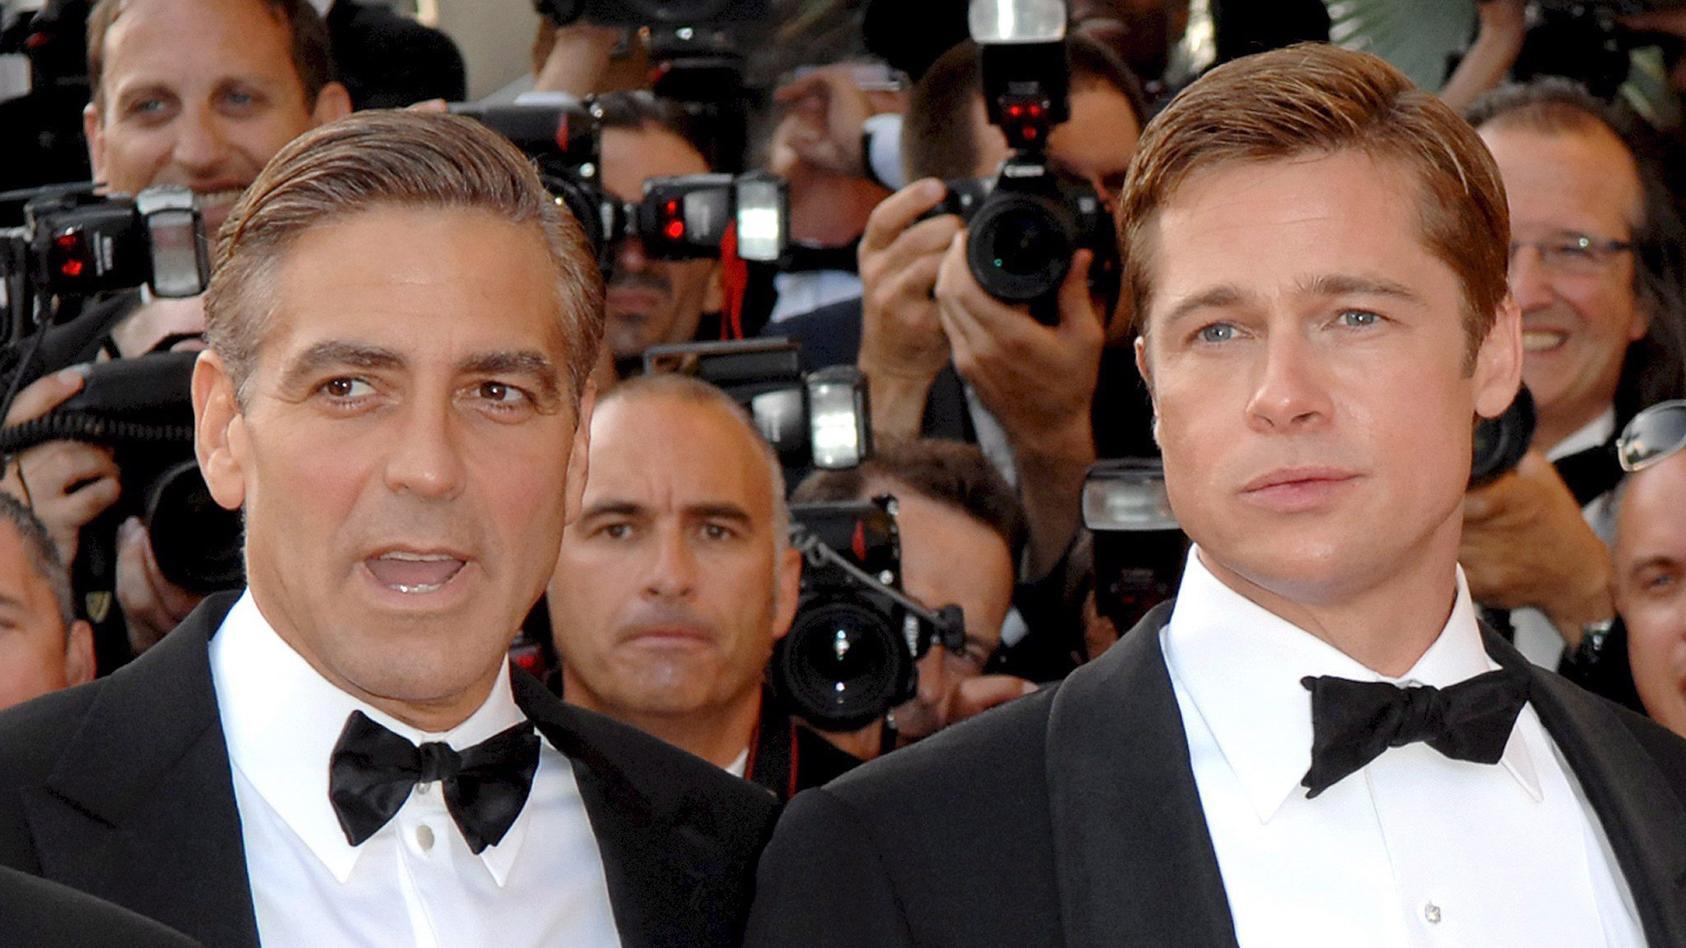 George Clooney und Brad Pitt bei den Filmfestspielen in Cannes.